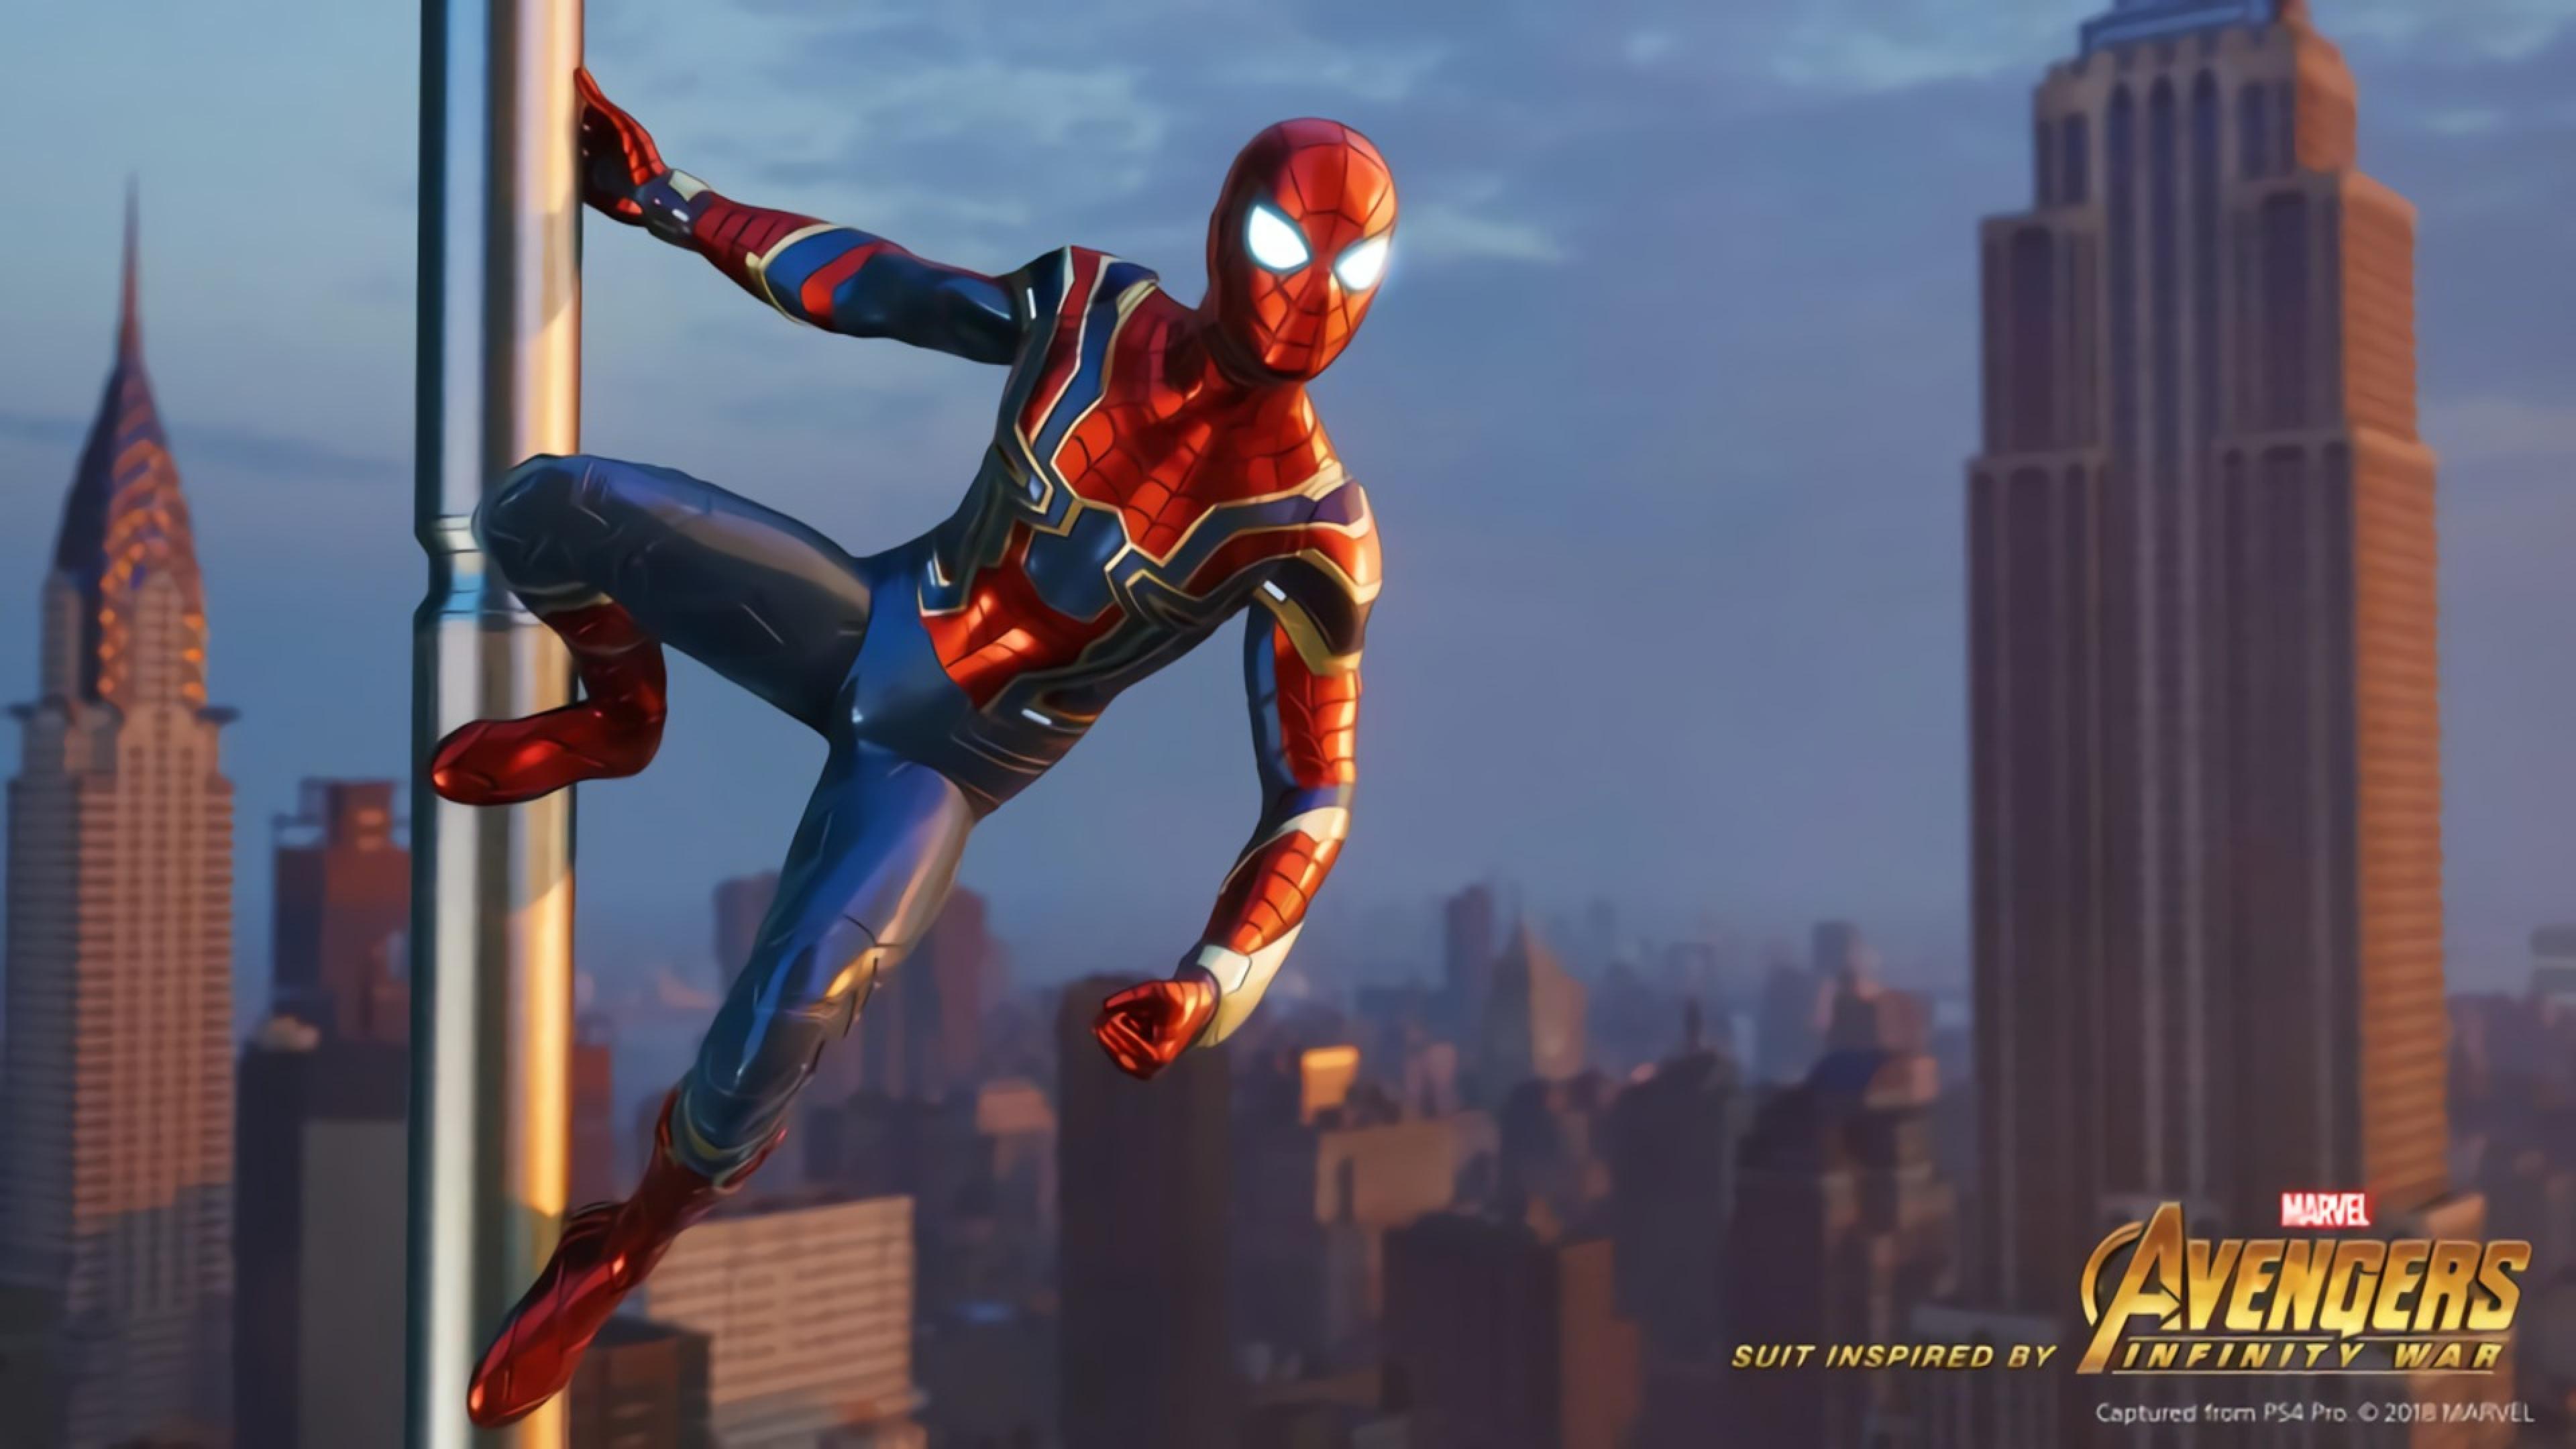 3840x2160 Avengers Infinity War Iron Spider In Spider Man